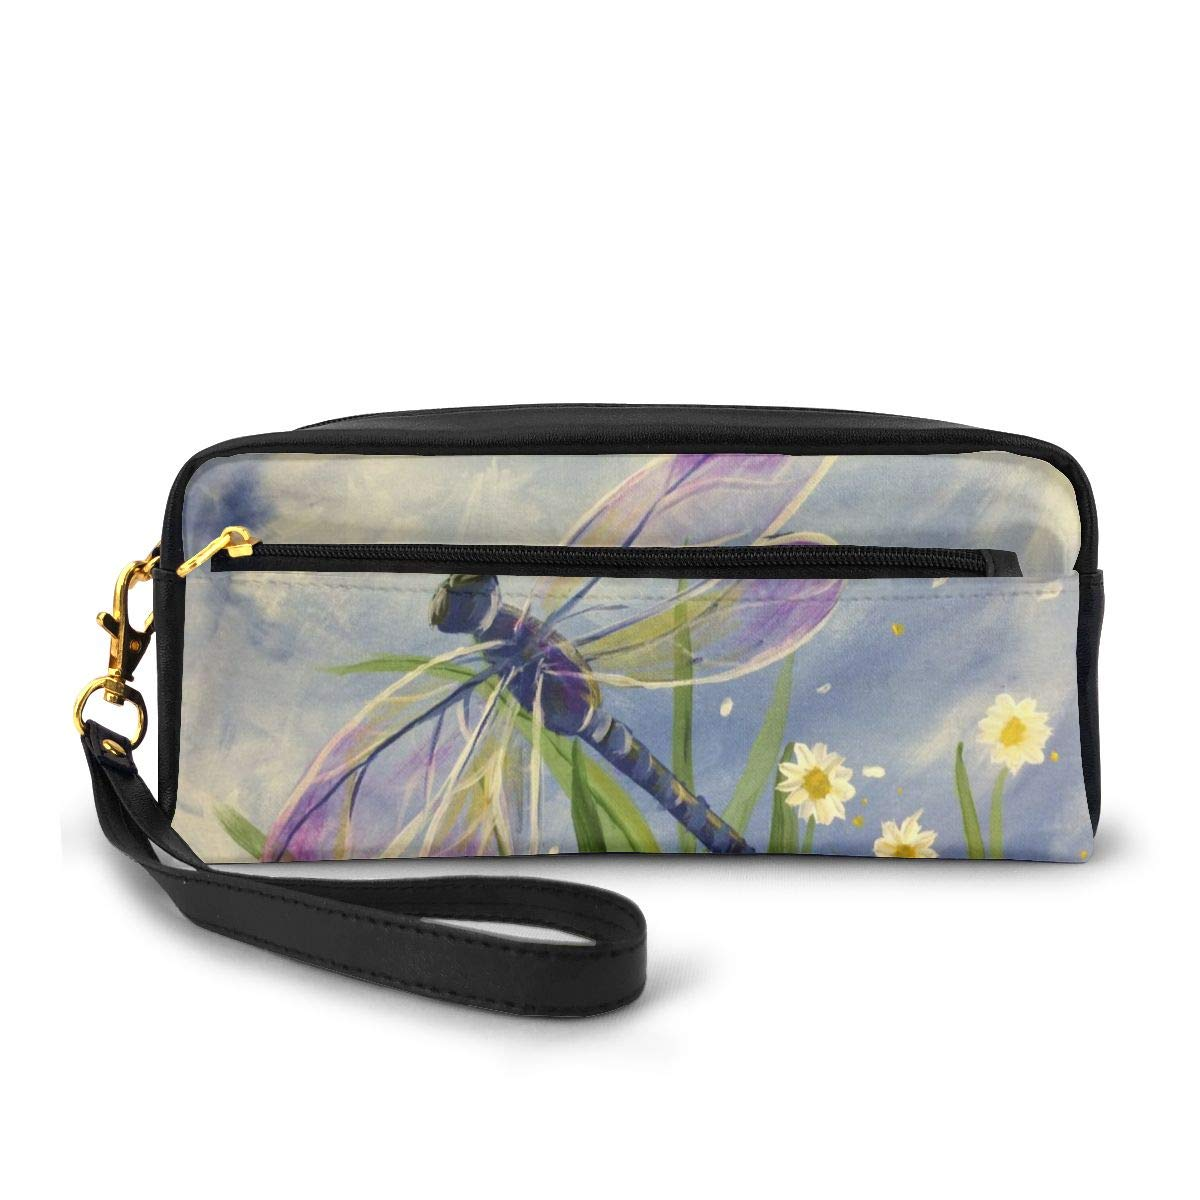 Estuche de lona con libélula floral de gran capacidad, para lápices, bolígrafos, estuche de maquillaje, neceser cosmético: Amazon.es: Oficina y papelería